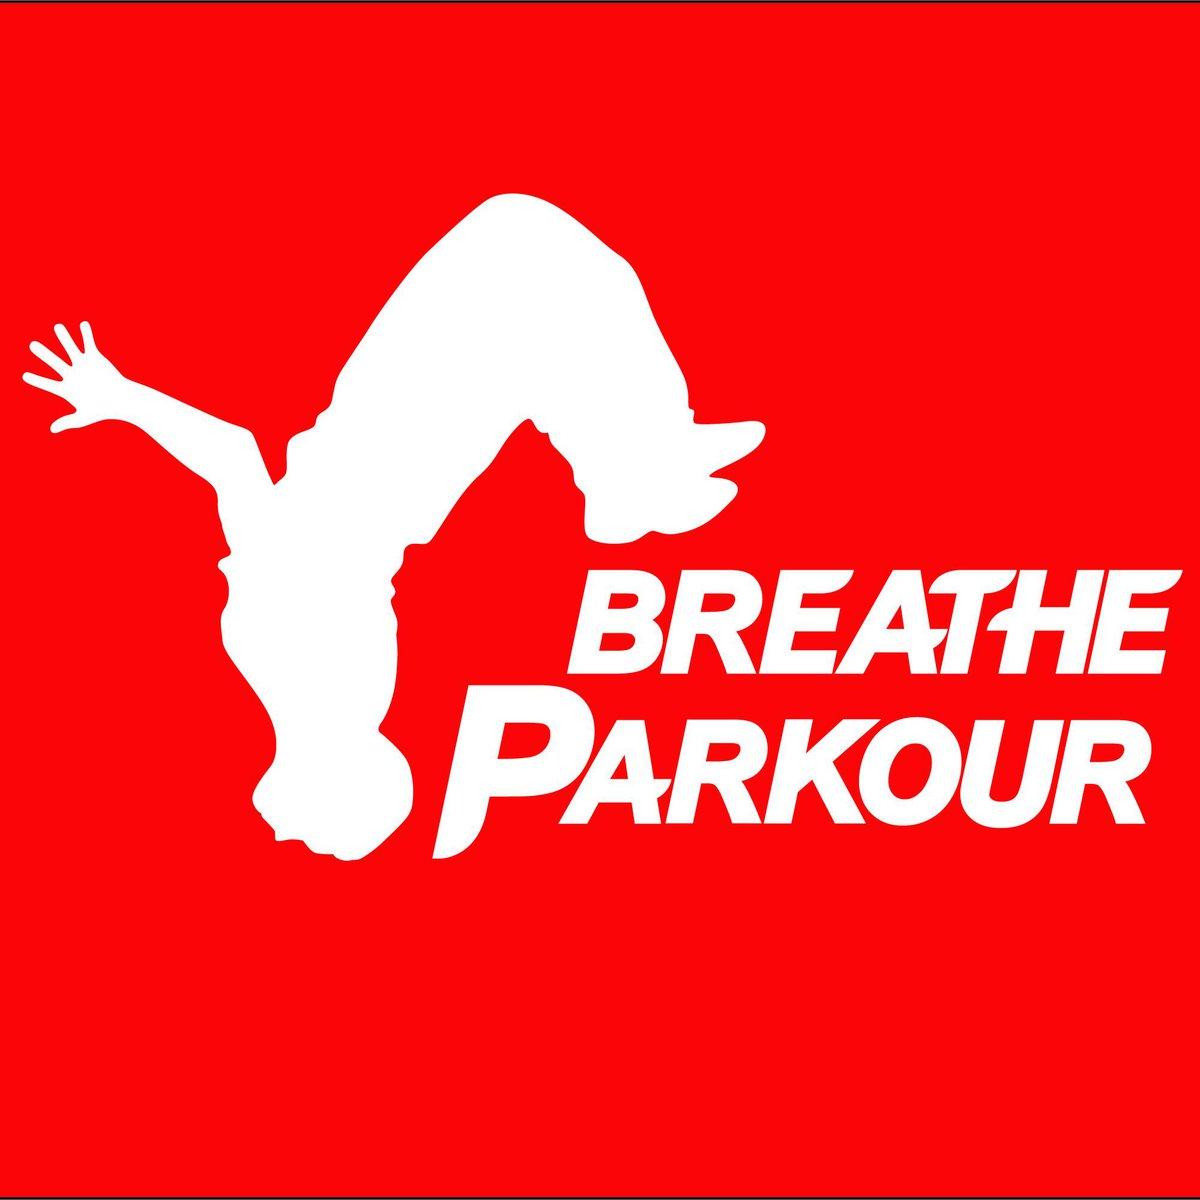 Breath Parkour